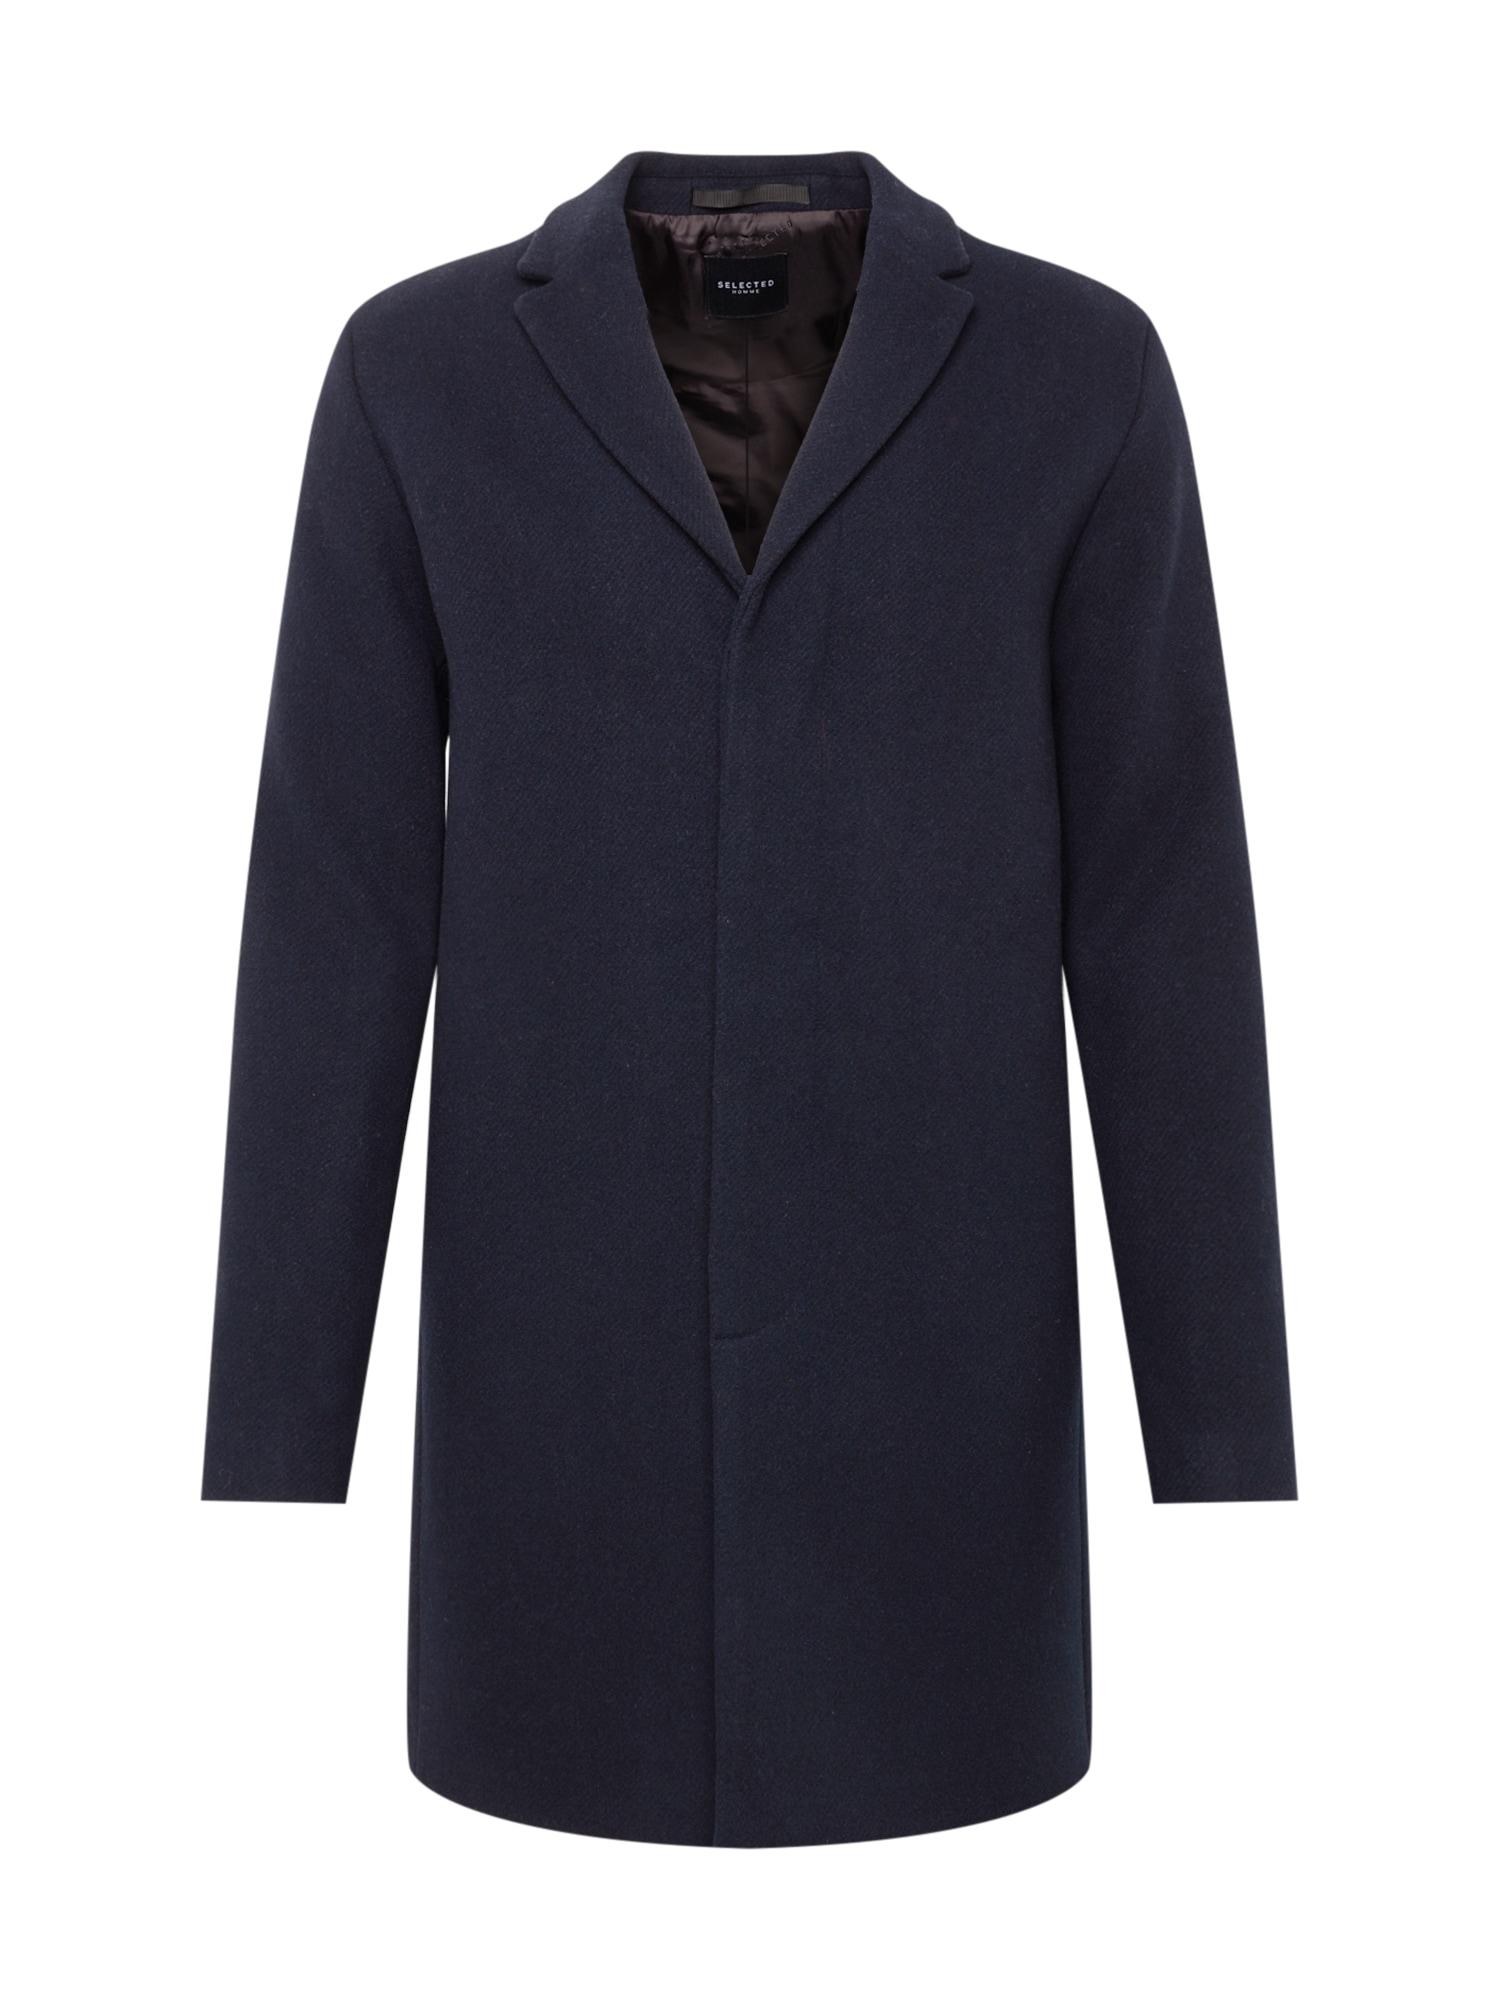 SELECTED HOMME Rudeninis-žieminis paltas tamsiai mėlyna jūros spalva